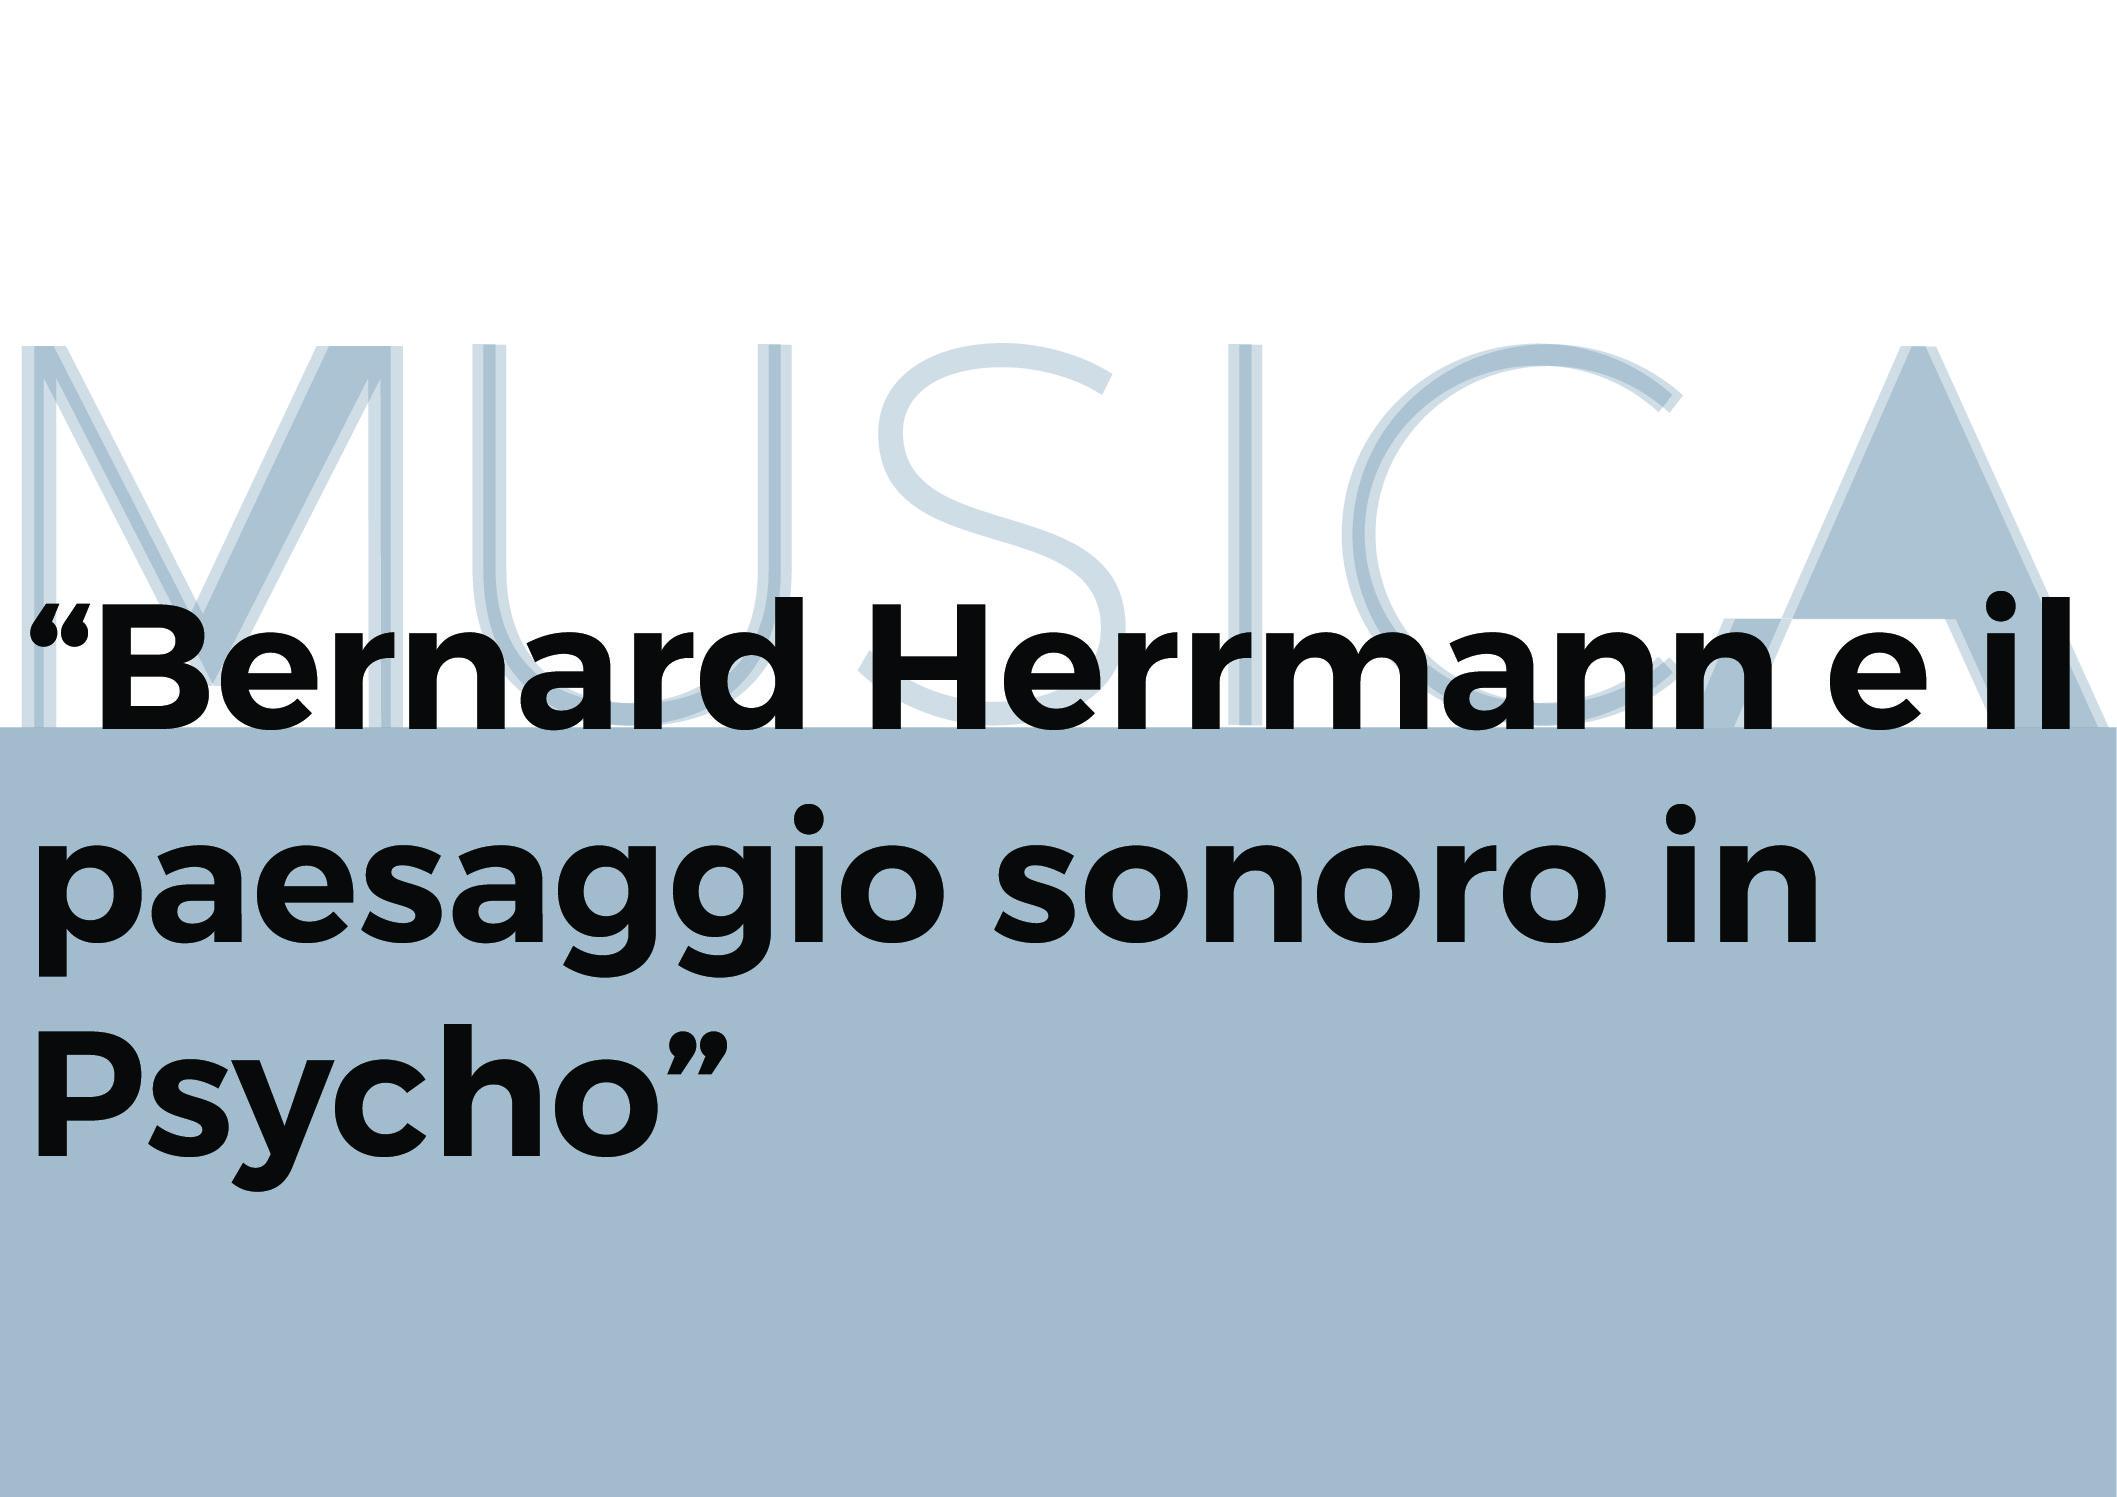 Bernard Herrmann e il paesaggio sonoro in Psycho – immagine